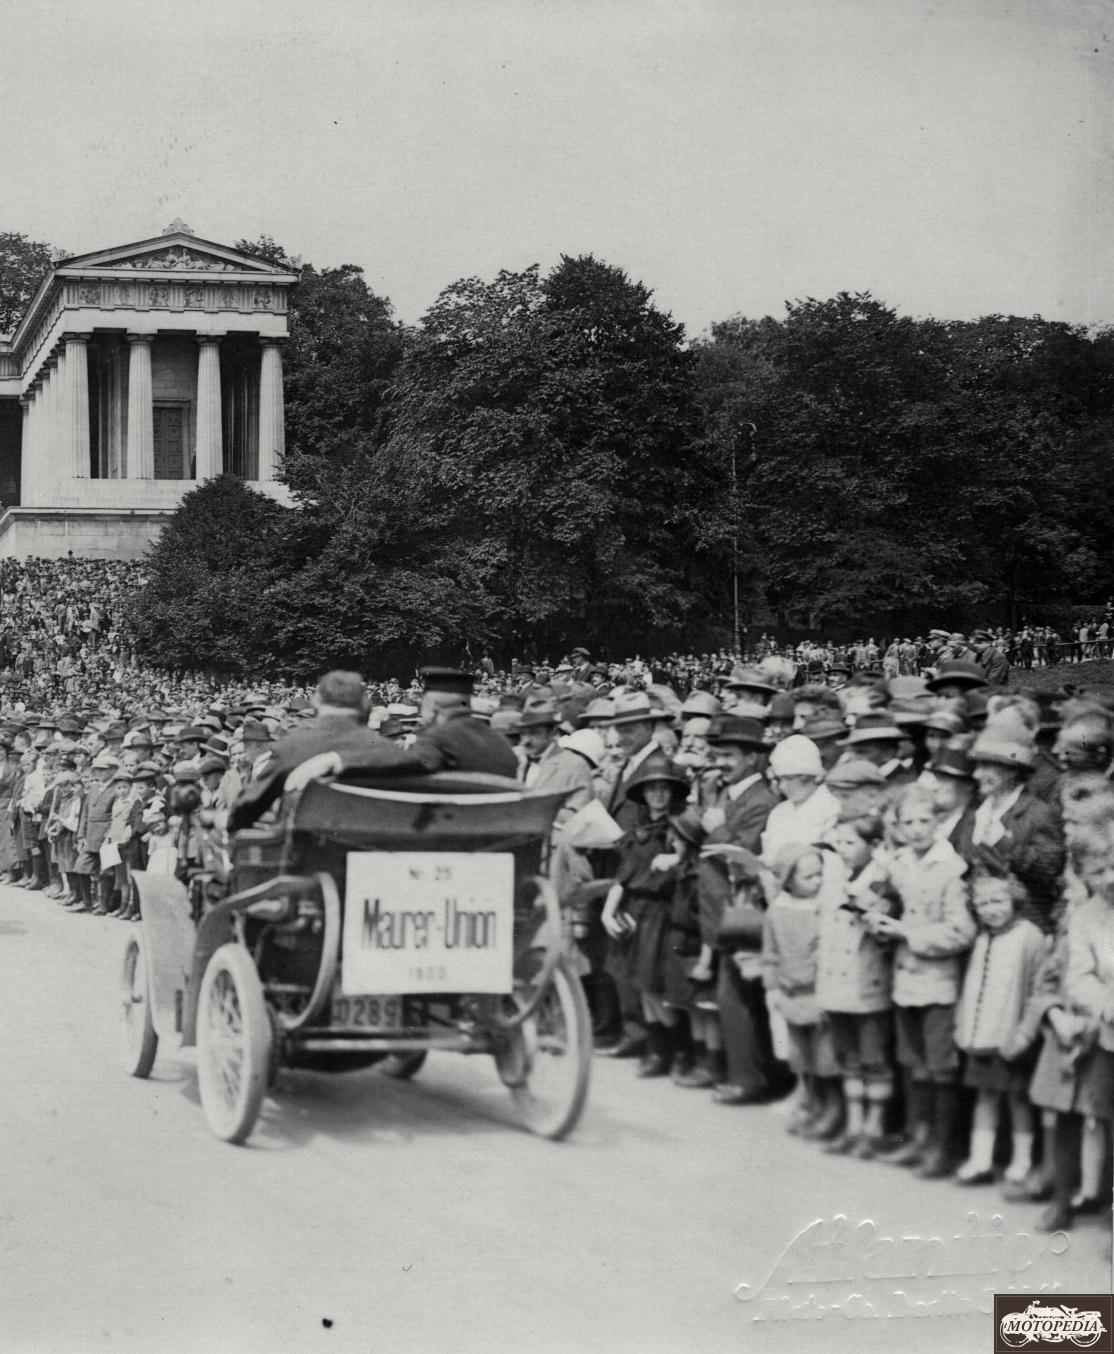 Maurer Union mit Friktionstrieb, 1900 vor staunendem Publikum